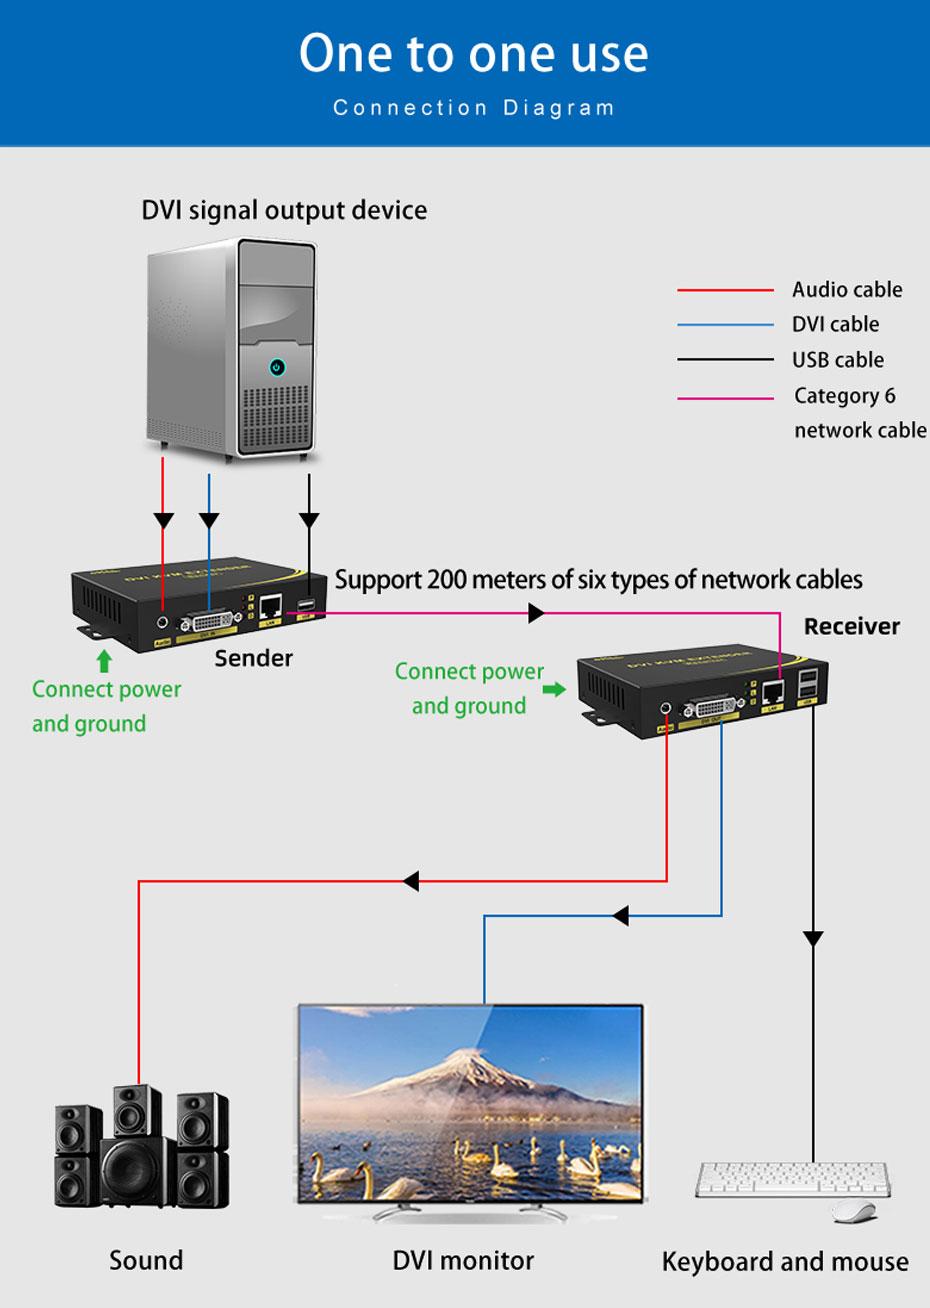 200m KVM DVI extender DU200 1 to 1 connection diagram